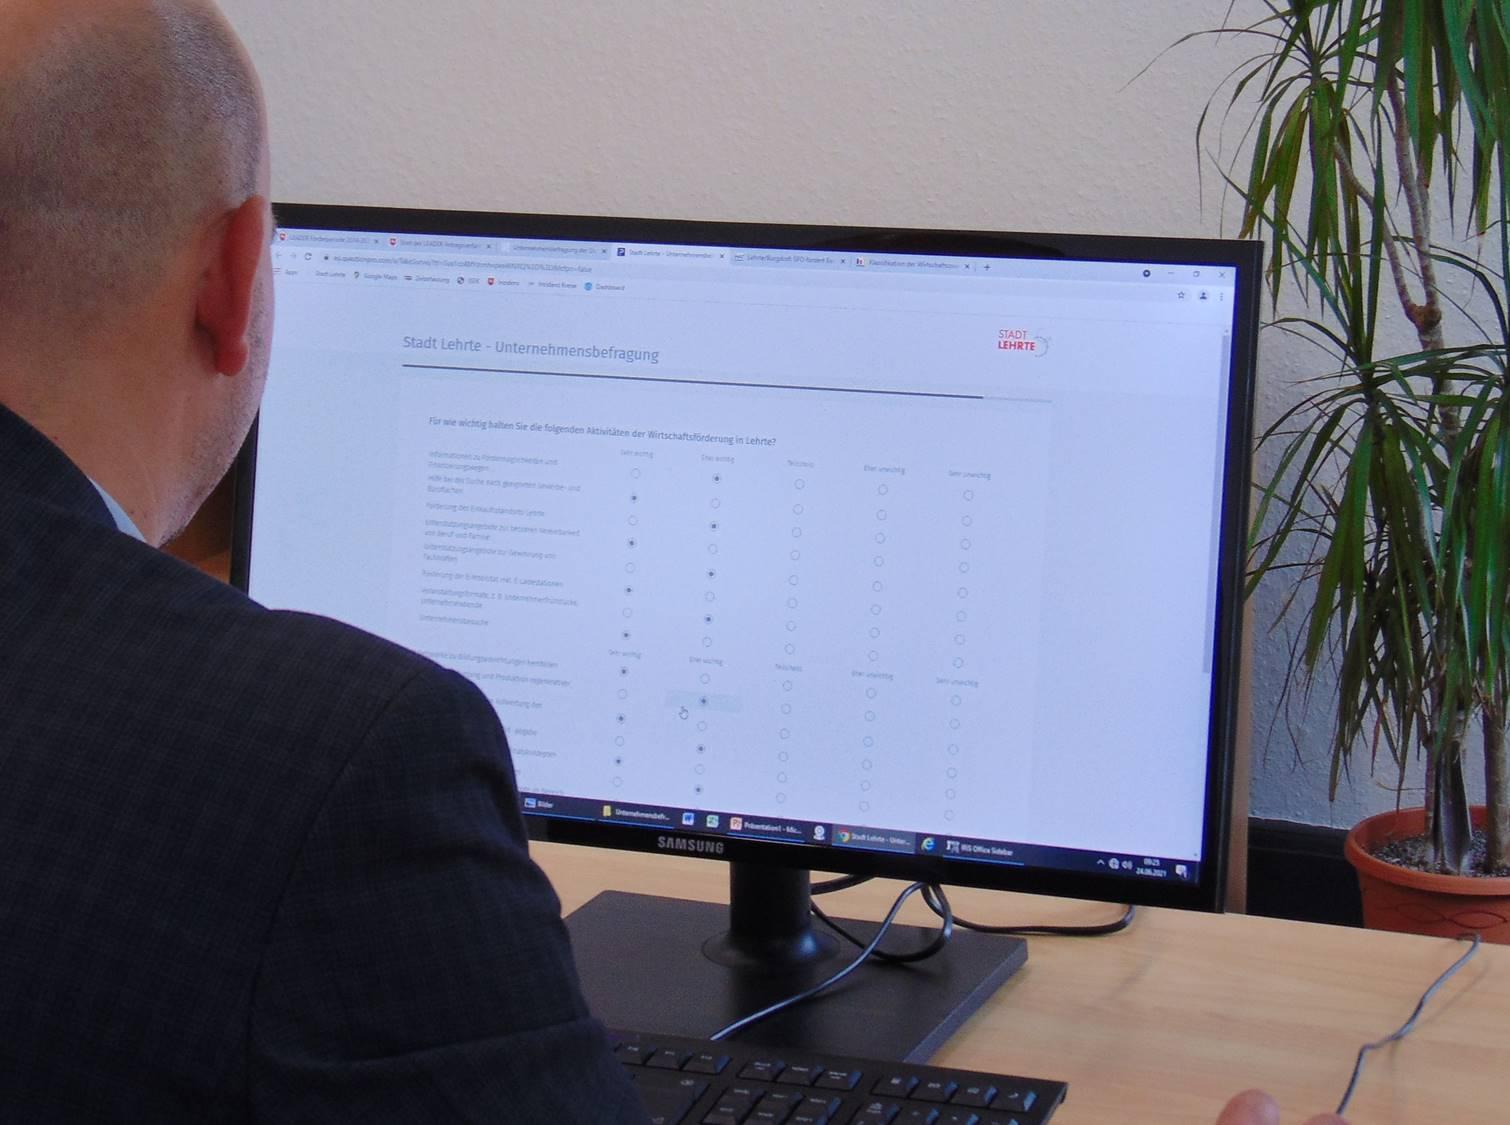 Website Unternehmensbefragung (Foto) ©Lilian Appel (Stadt Lehrte)